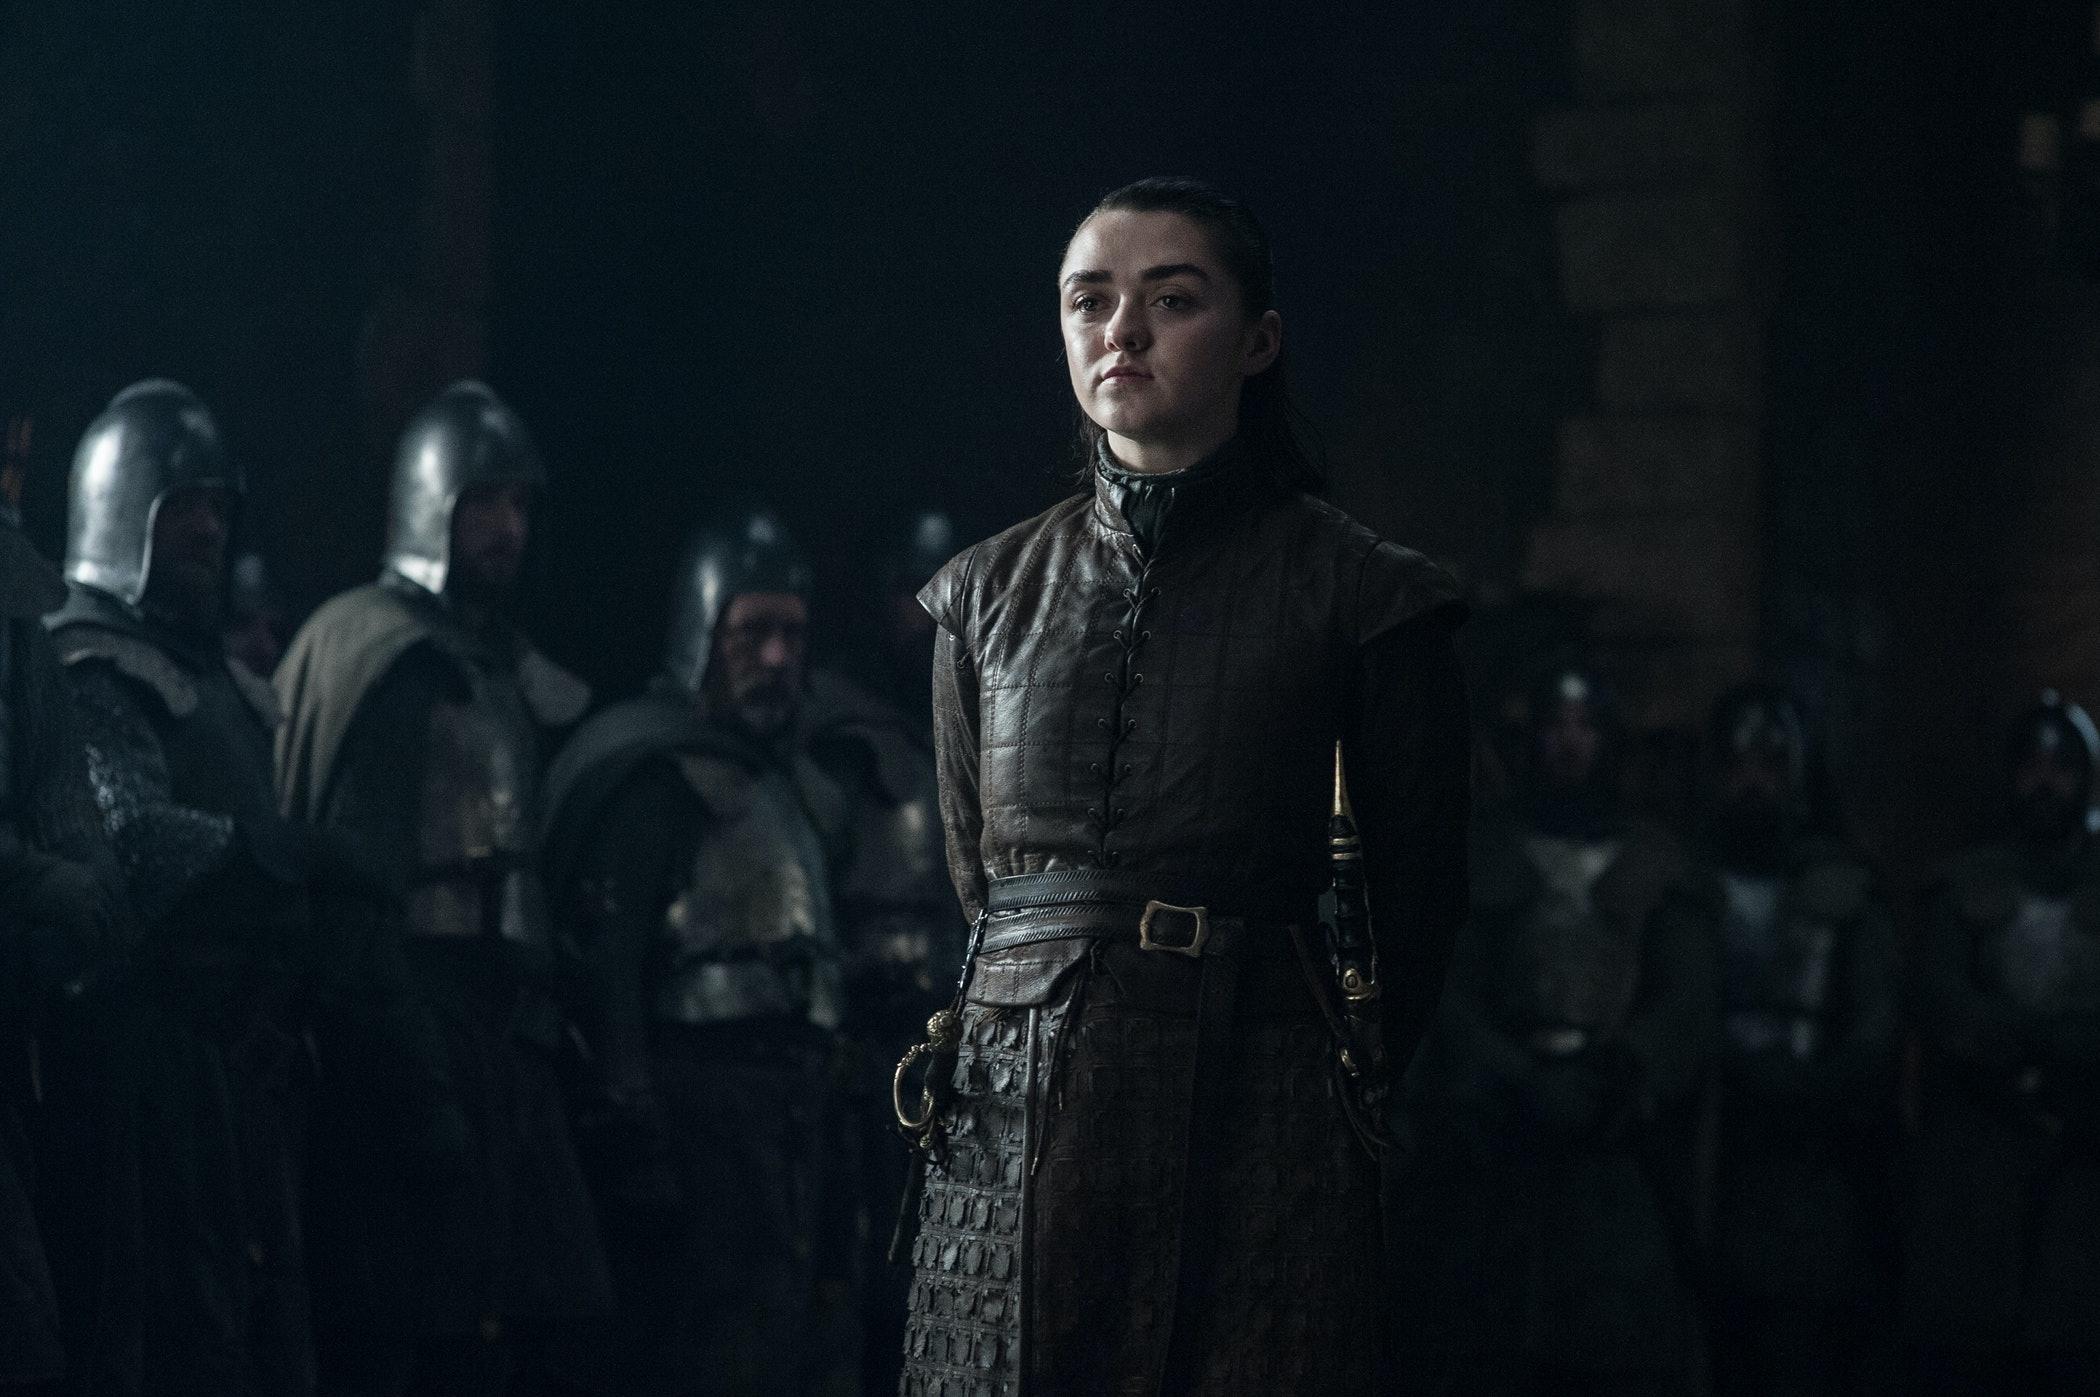 Does arya stark die in game of thrones season 8